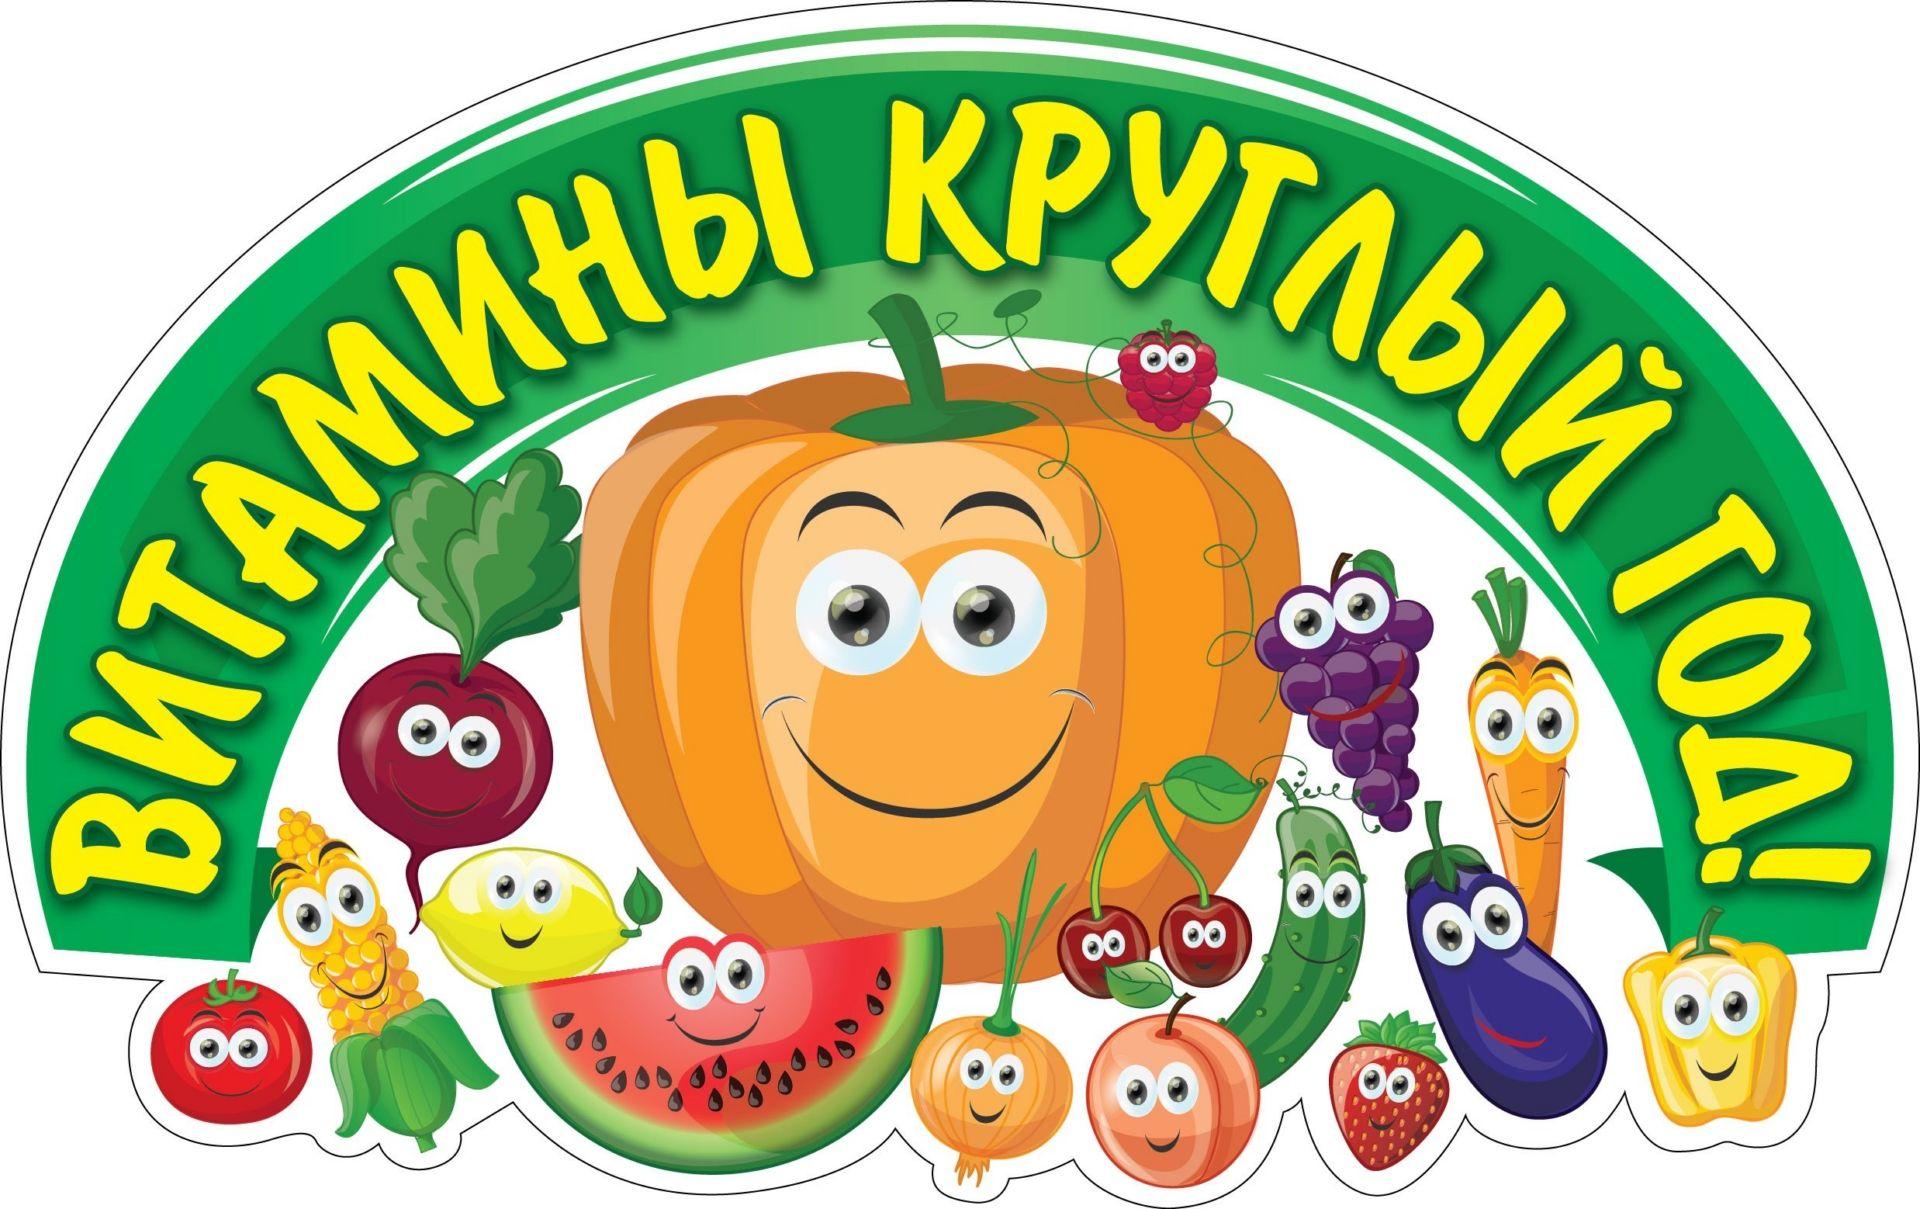 Плакат вырубной Веселые витаминки: 266х419 ммТовары для оформления и проведения праздника<br>.<br><br>Год: 2017<br>Серия: Вырубные фигуры для оформления<br>Высота: 419<br>Ширина: 266<br>Переплёт: набор